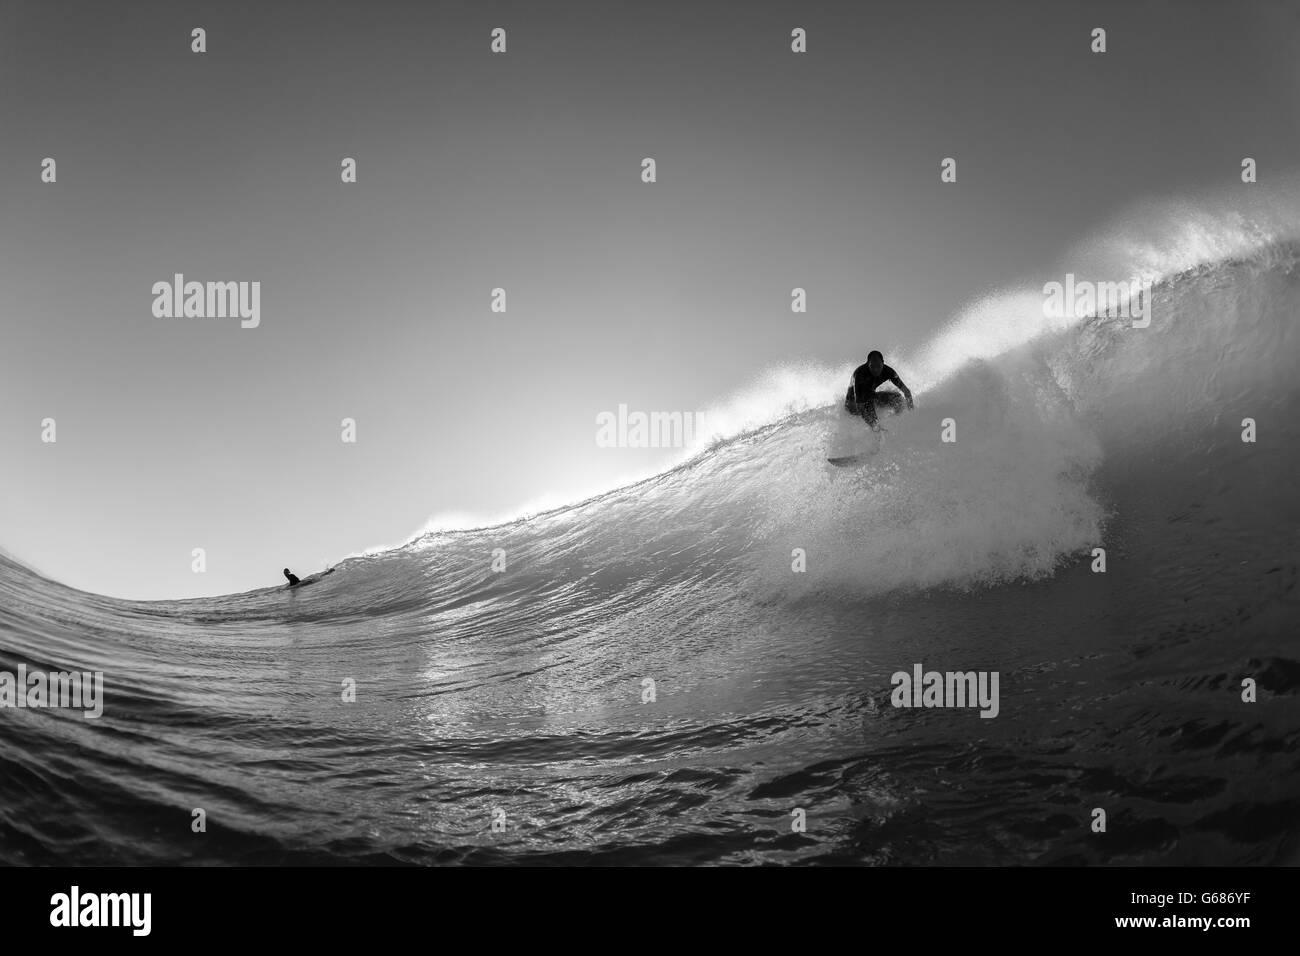 Surfer, die nicht identifizierten Silhouette Surfen Wasser Aktion Closeup schwimmen Foto. Stockbild